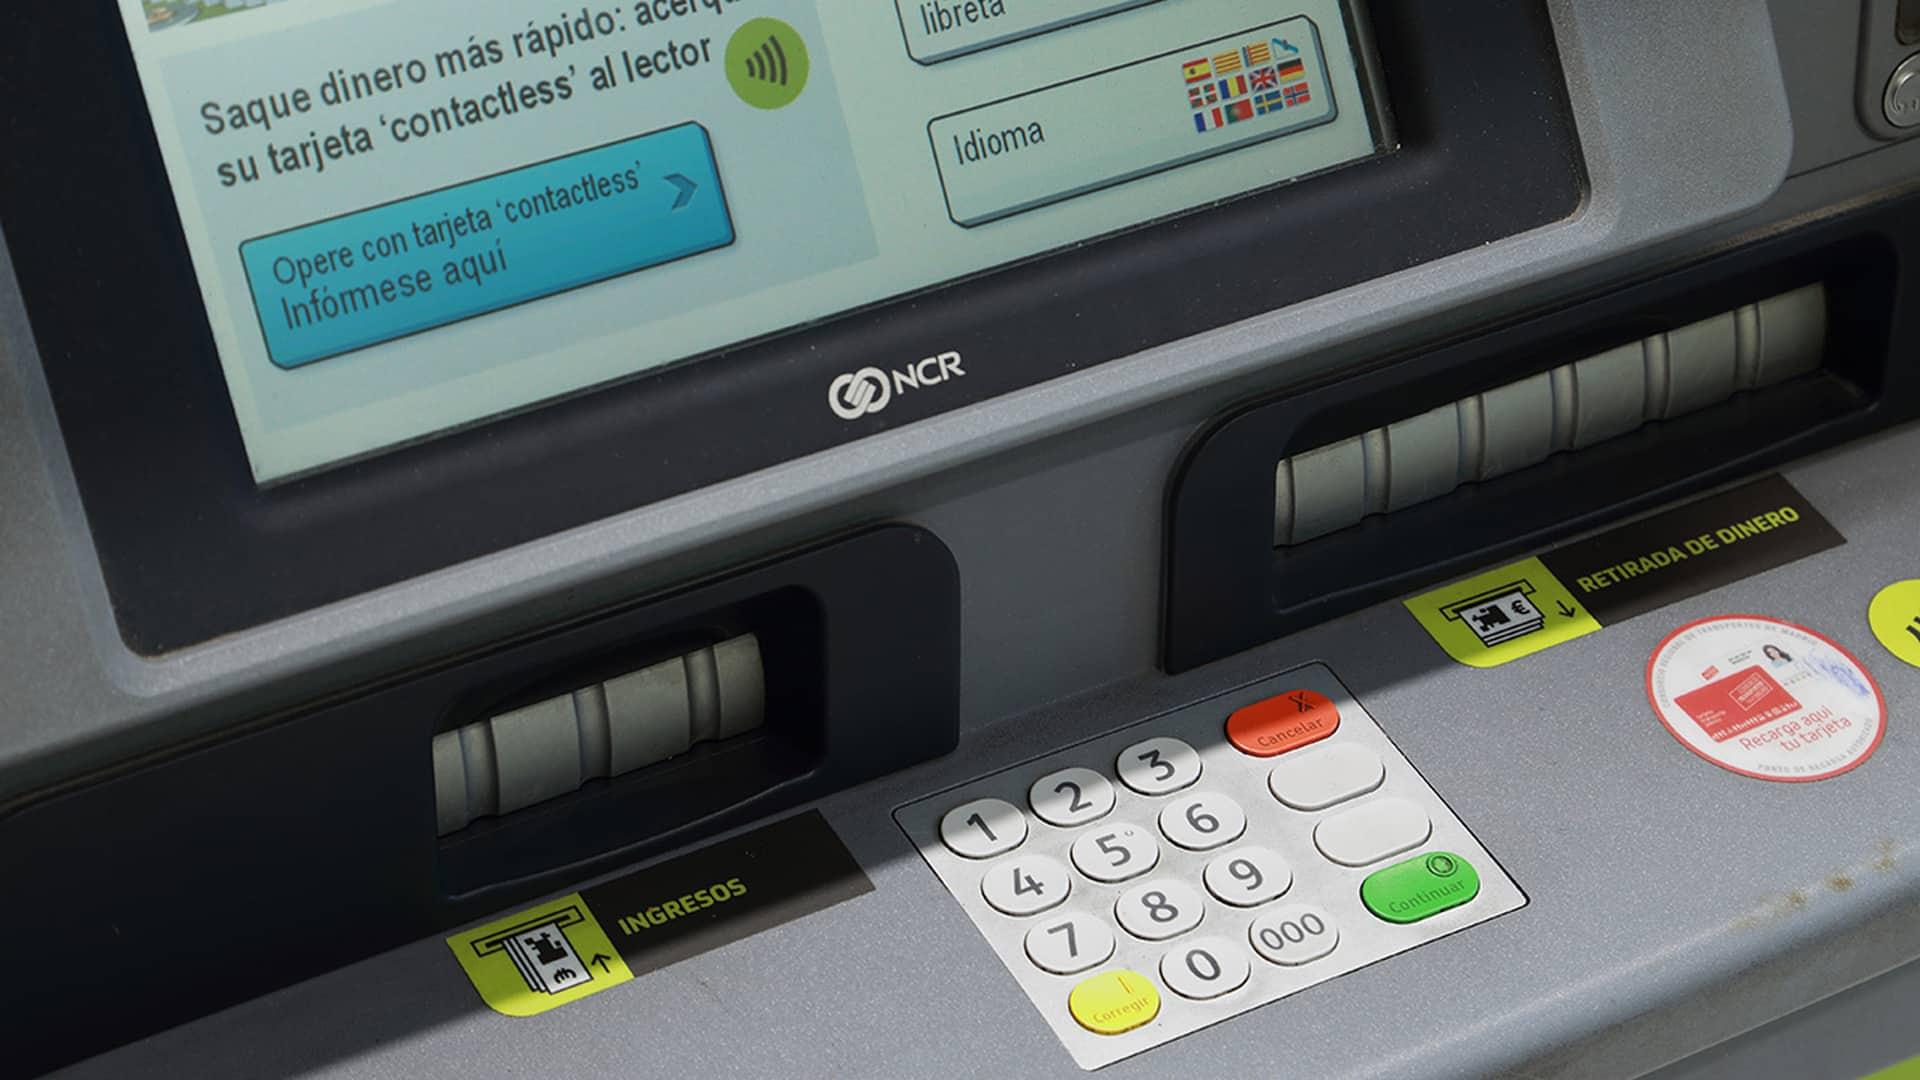 Sacar dinero sin tarjeta en Bankia: cómo se hace y qué límites hay